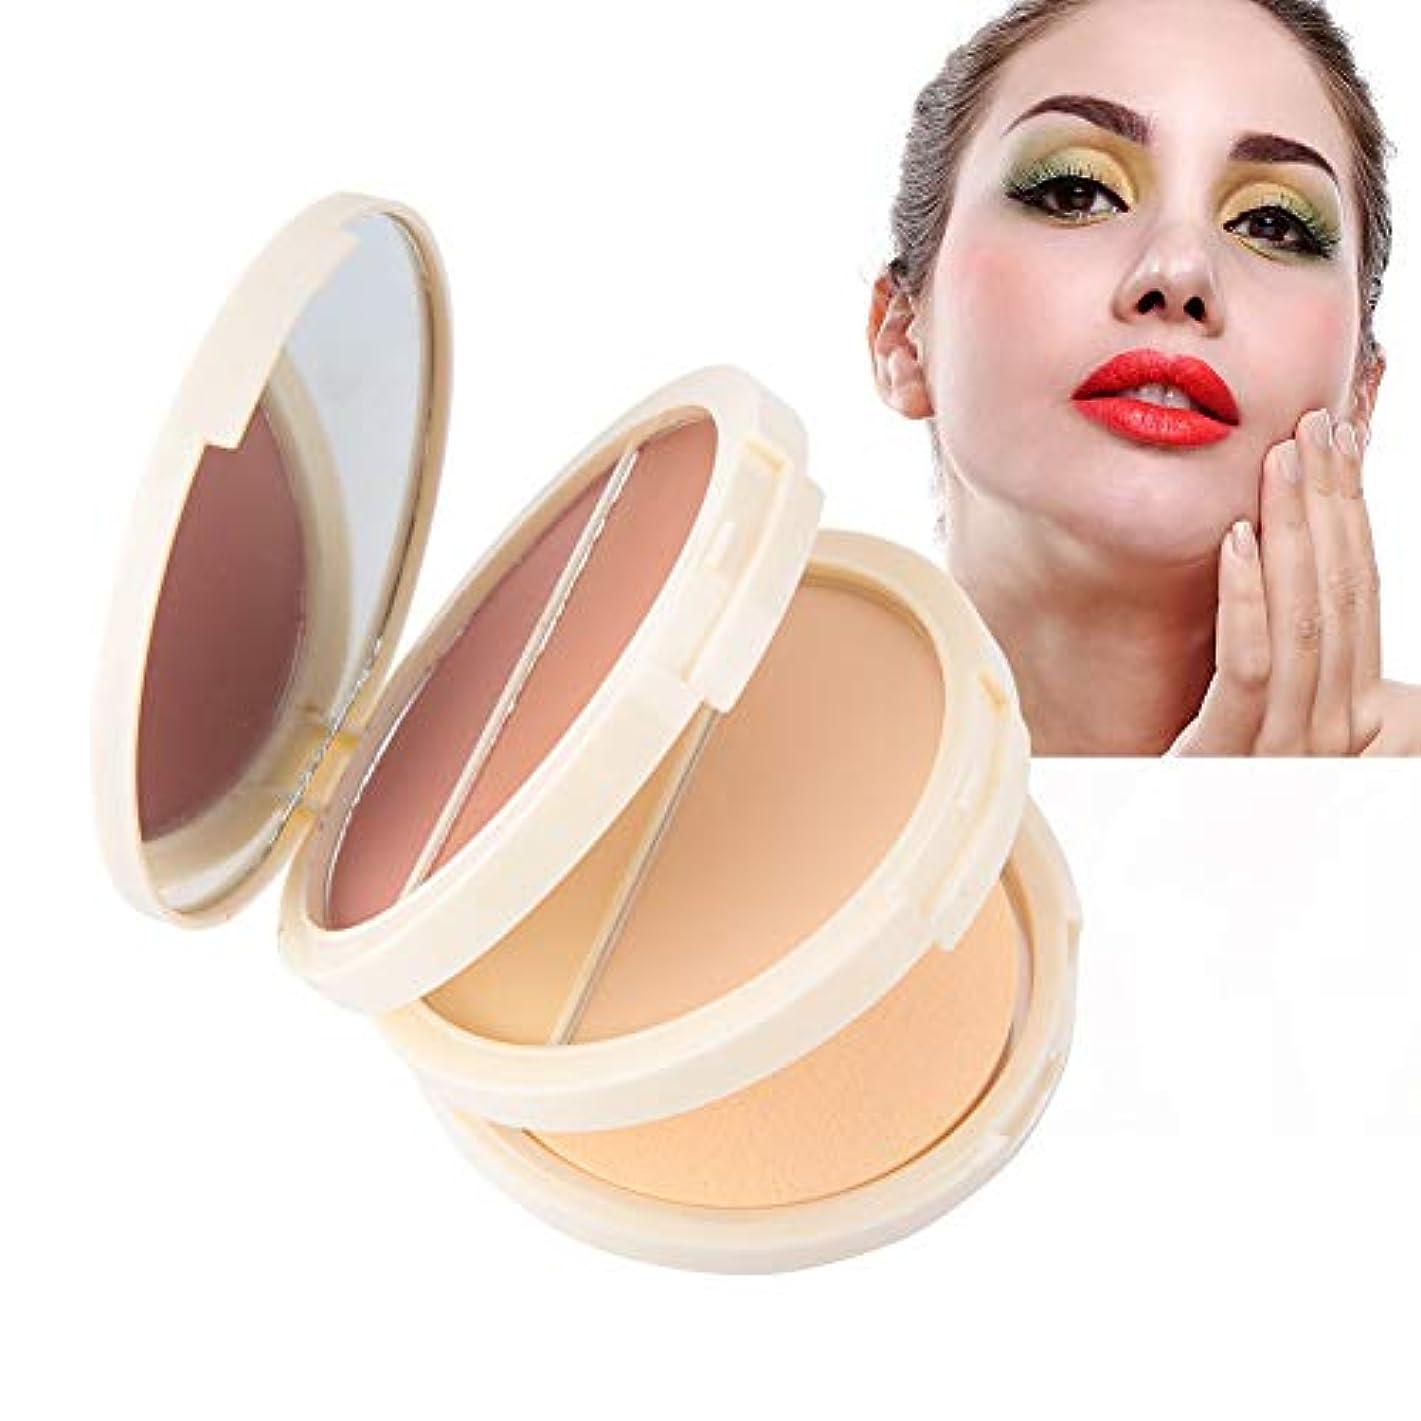 旅客コーンウォールストラトフォードオンエイボン化粧品、オイル管理および防水および長続きがする効果のための1つのコンシーラーの粉の赤面粉に付き3つ